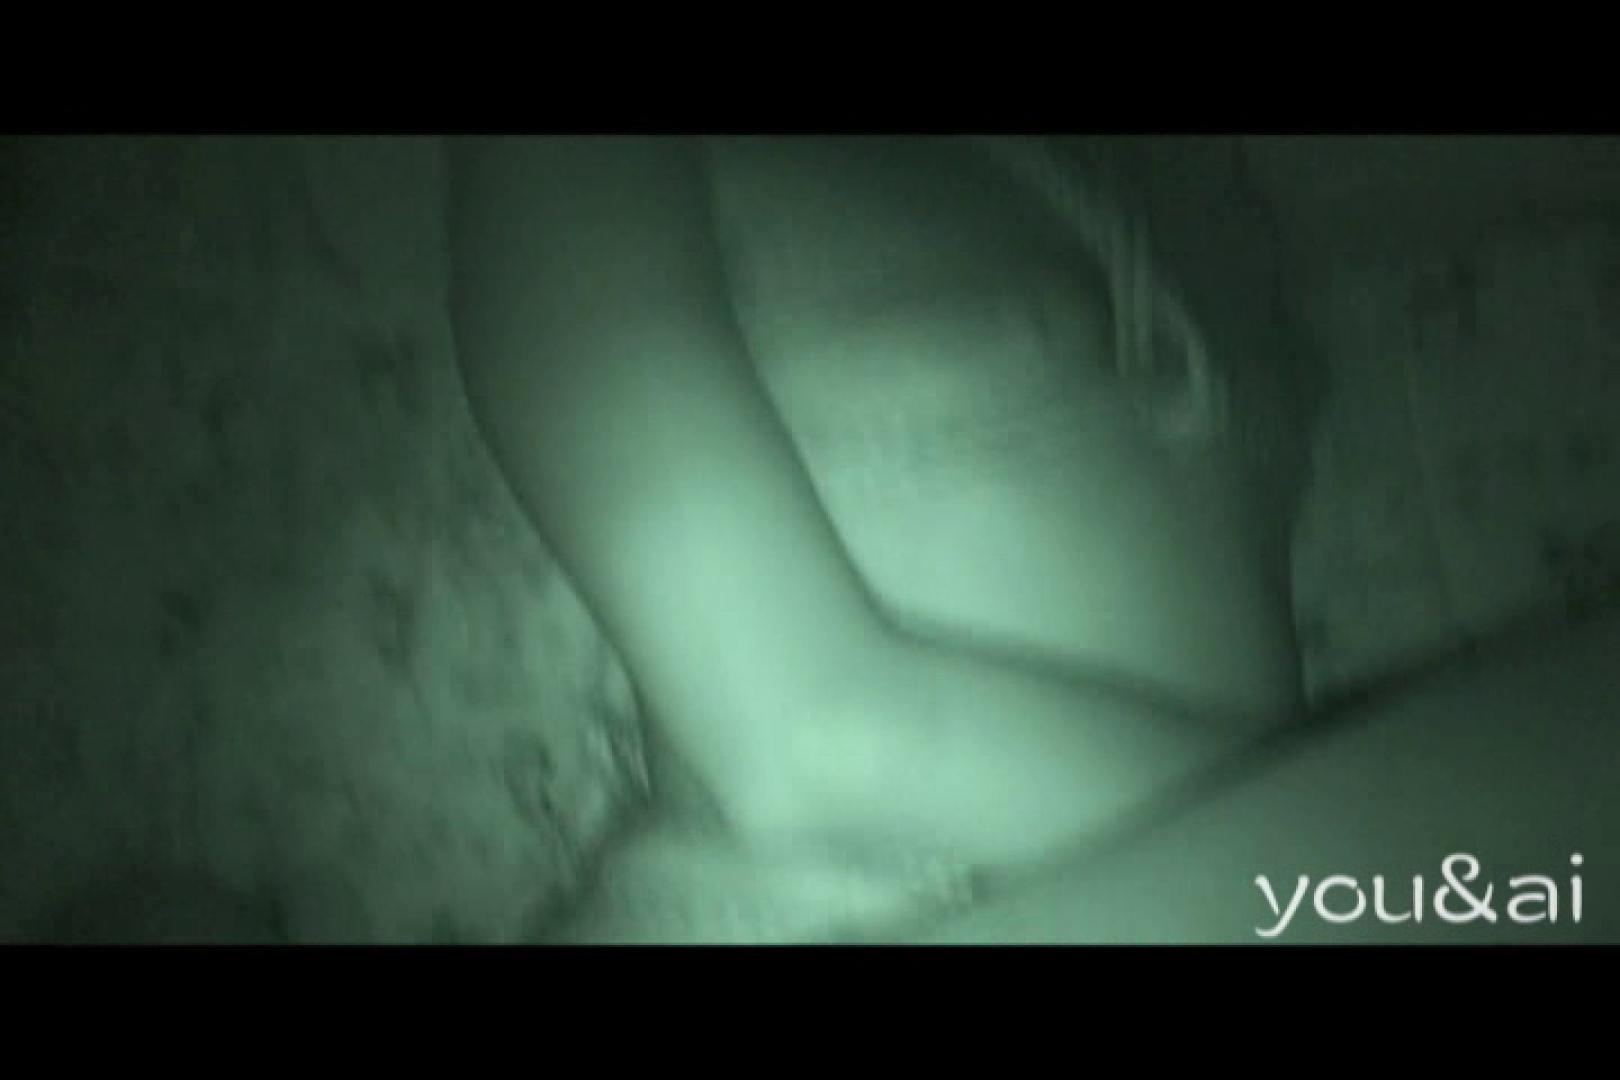 おしどり夫婦のyou&aiさん投稿作品vol.6 一般投稿 おめこ無修正動画無料 76pic 52